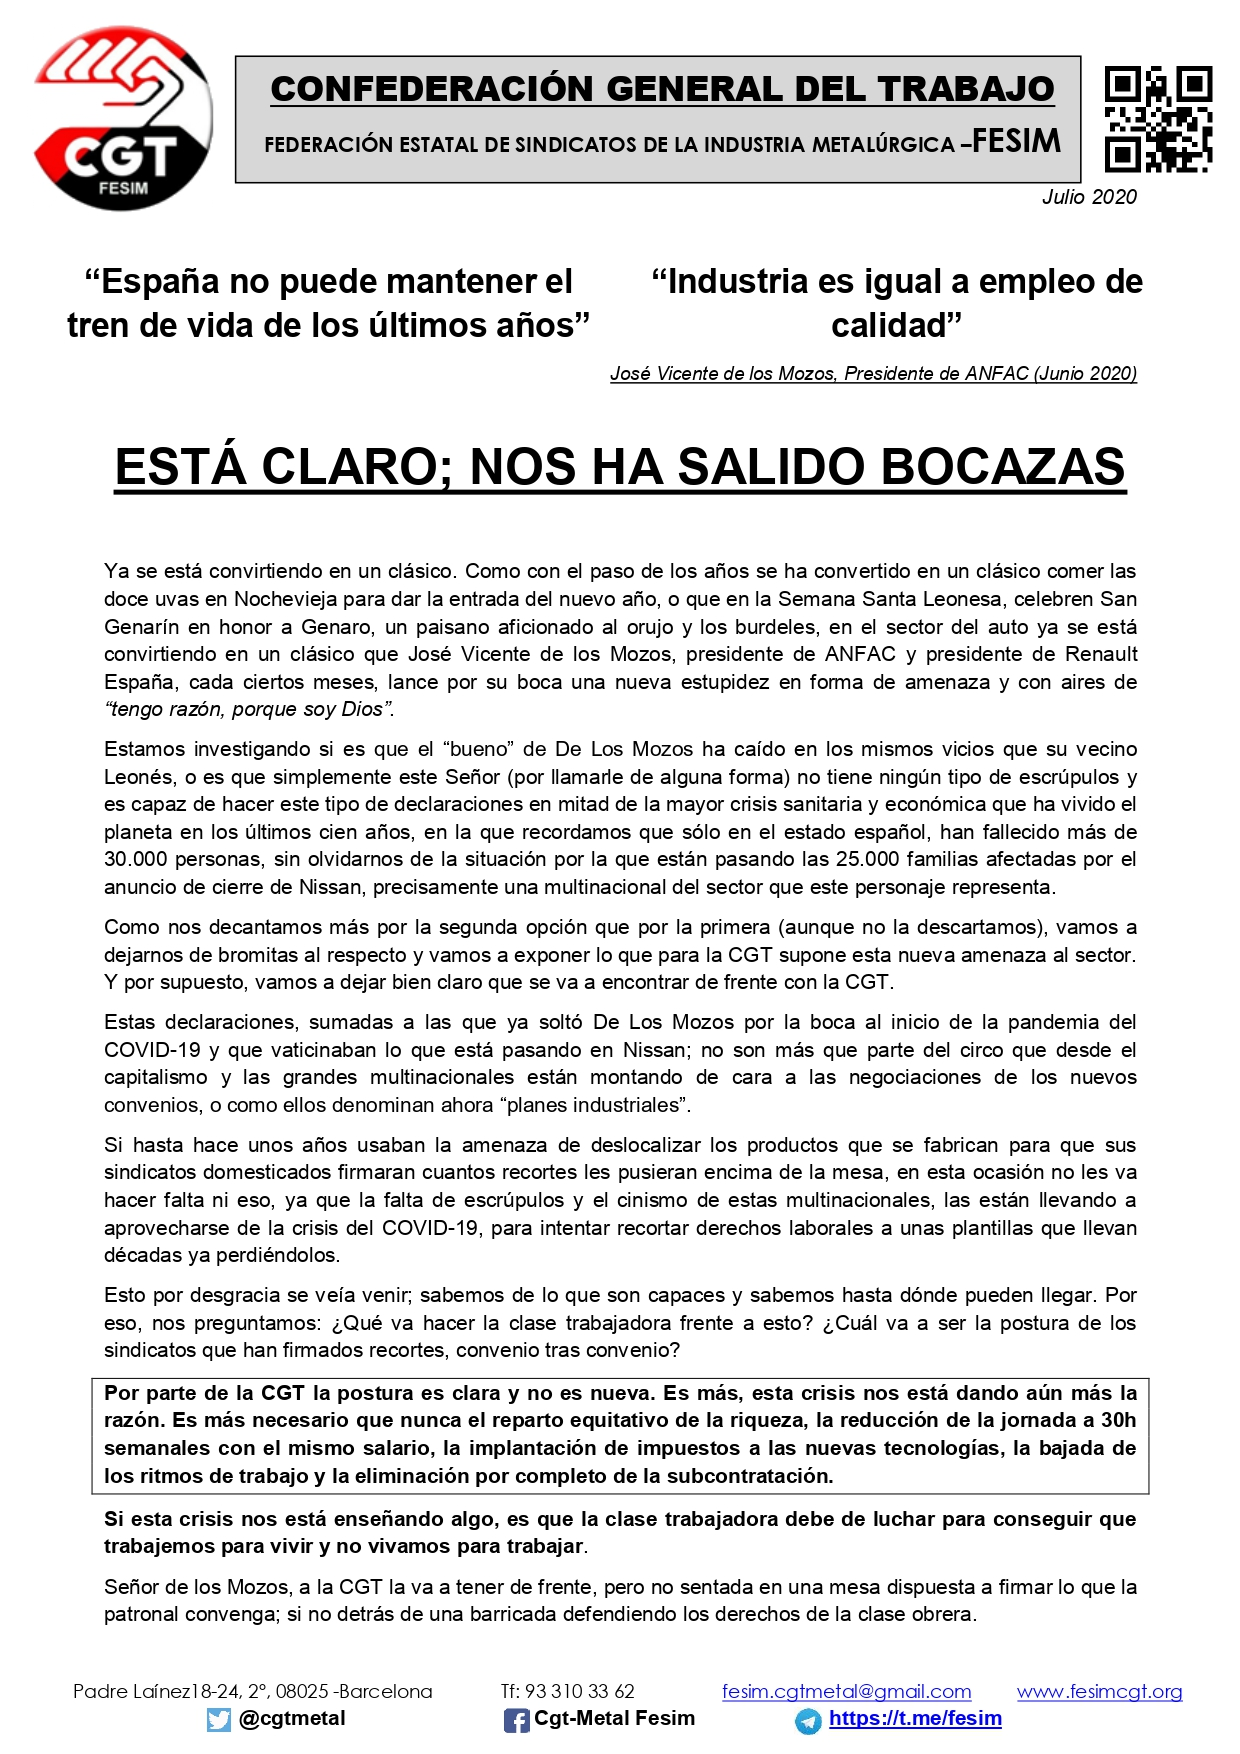 NOS HA SALIDO BOCAZAS def_page-0001 (2)